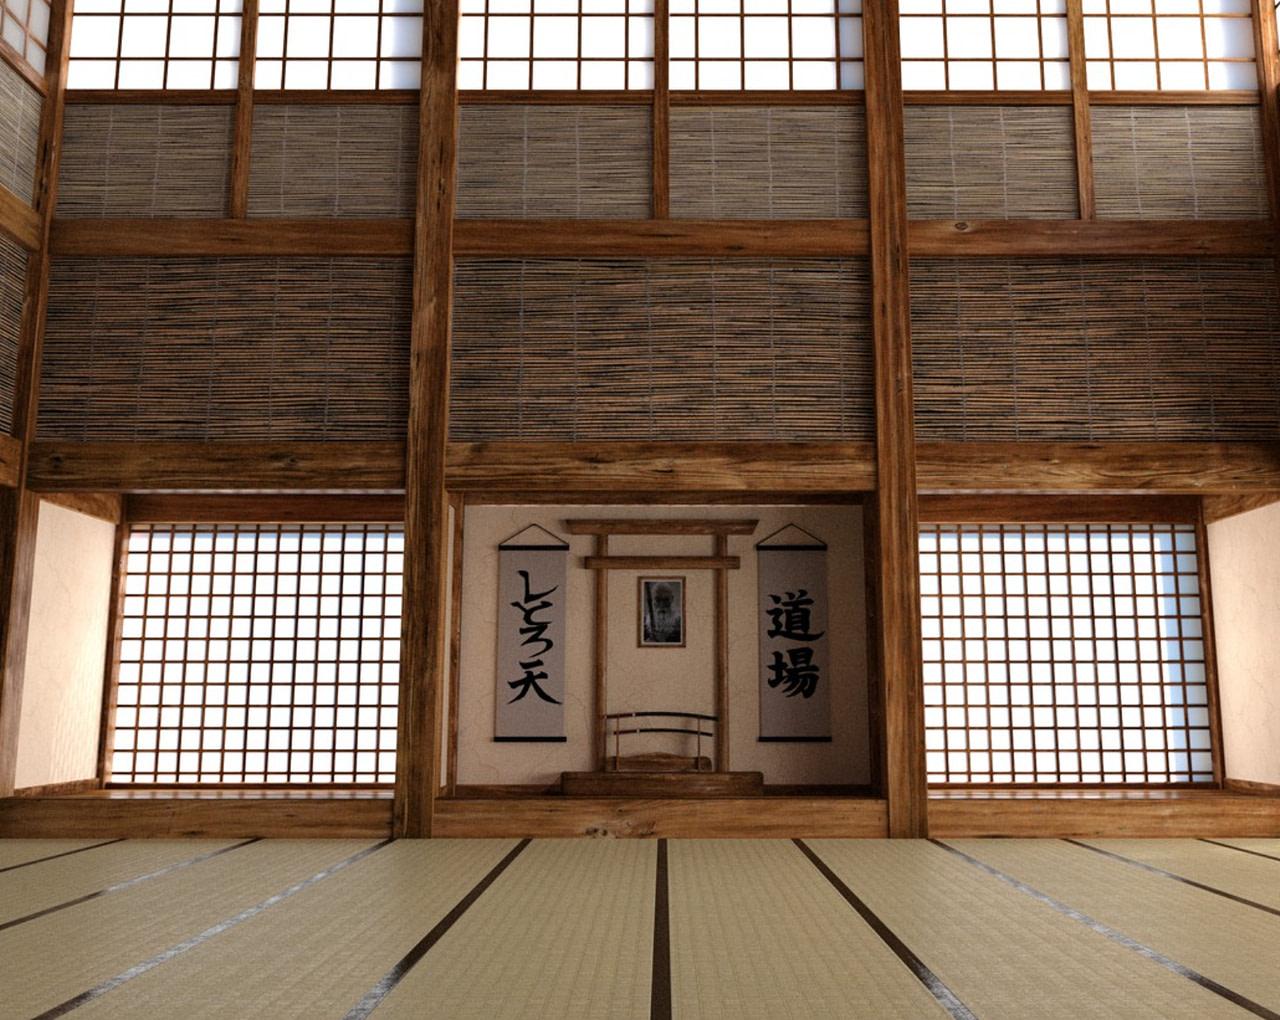 daz3d japanese dojo